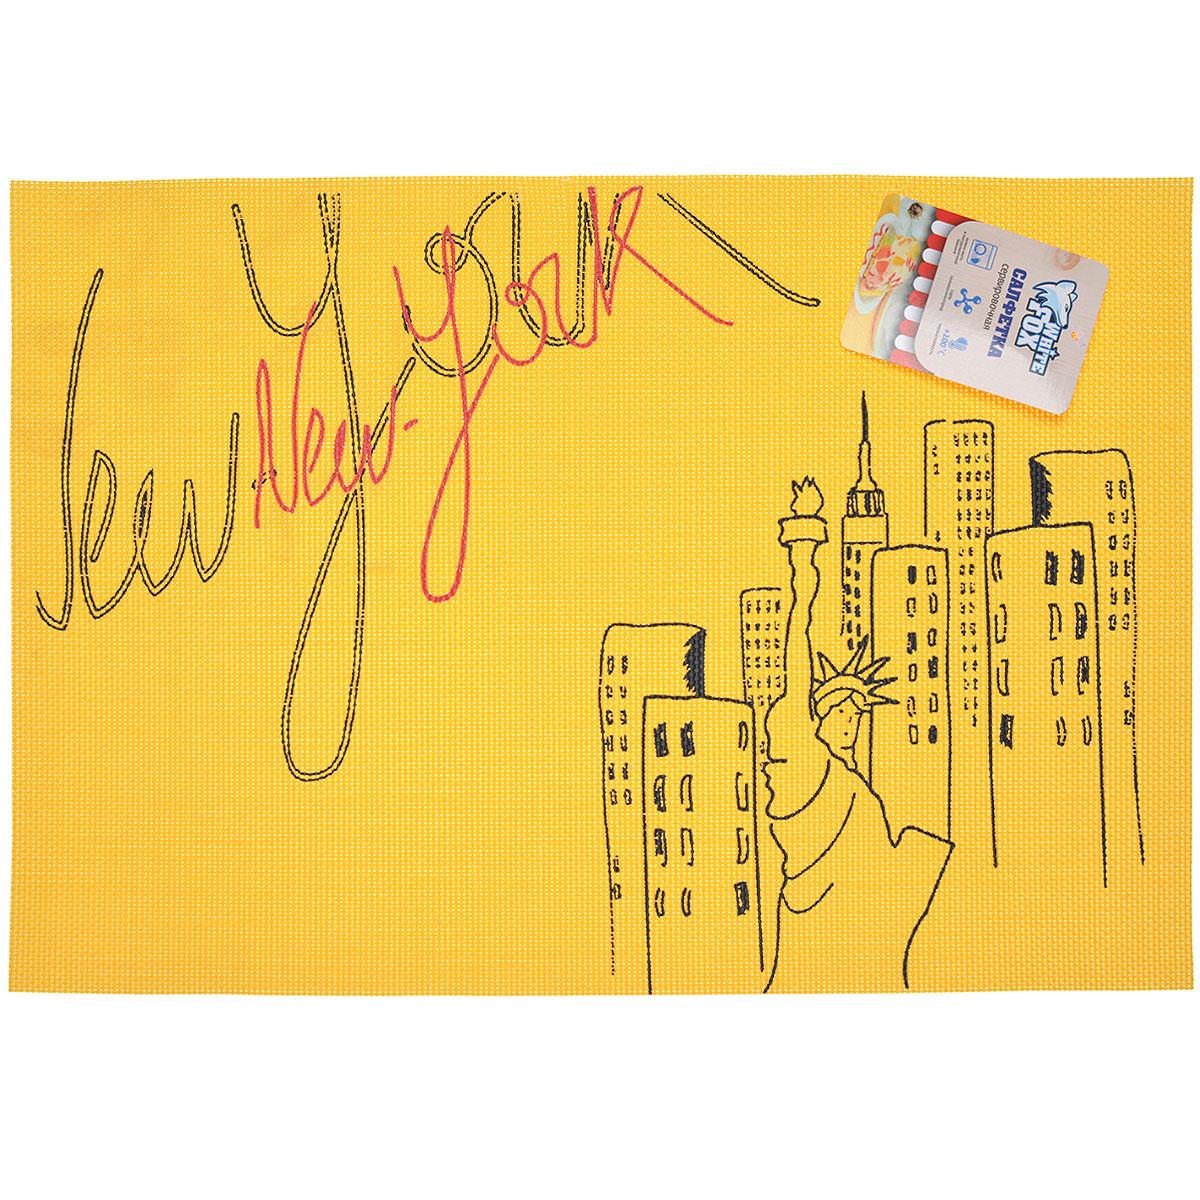 Салфетка сервировочная White Fox Нью-Йорк, цвет: желтый, 30 x 45 см, 4 штБ0008378Салфетка White Fox Нью-Йорк, выполненная из ПВХ, предназначена для сервировки стола. Она служит защитой от царапин и различных следов, а также используется в качестве подставки под горячее. Салфетка, оформленная дизайнерским рисунком в виде Нью-Йорка, дополнит стильную сервировку стола.